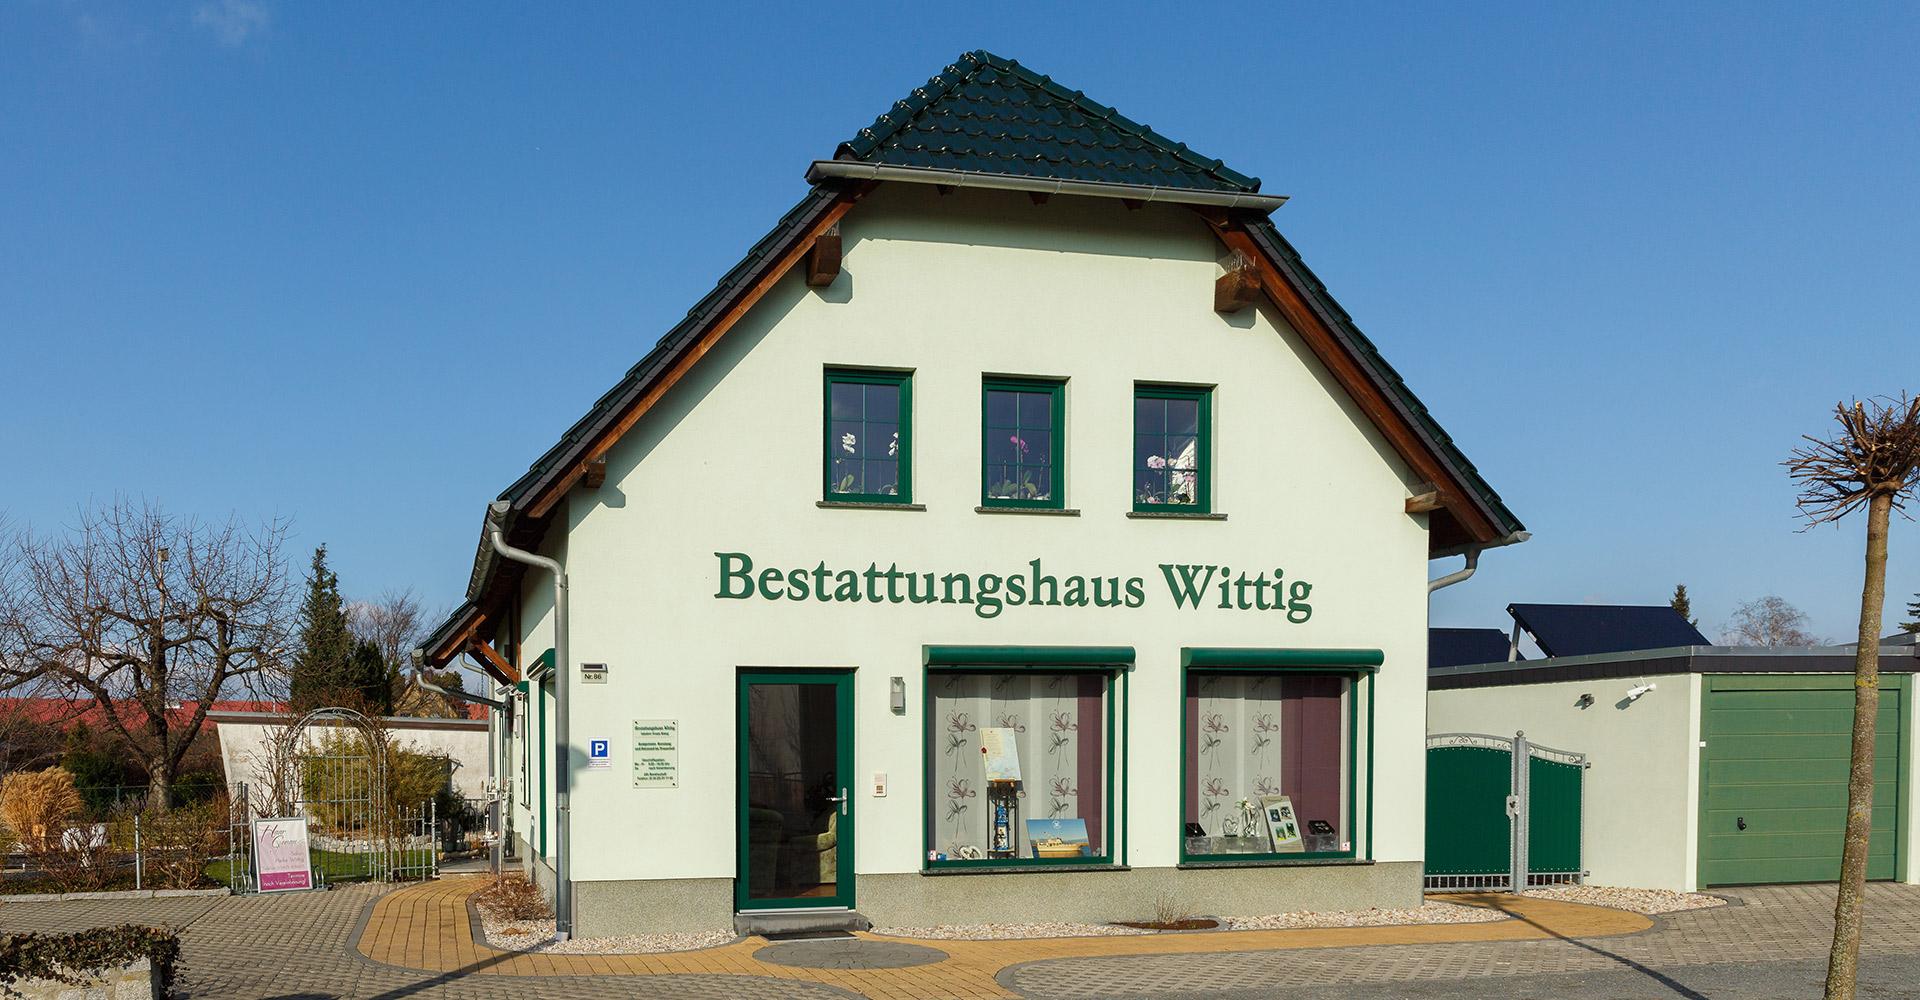 Bestattungshaus Wittig